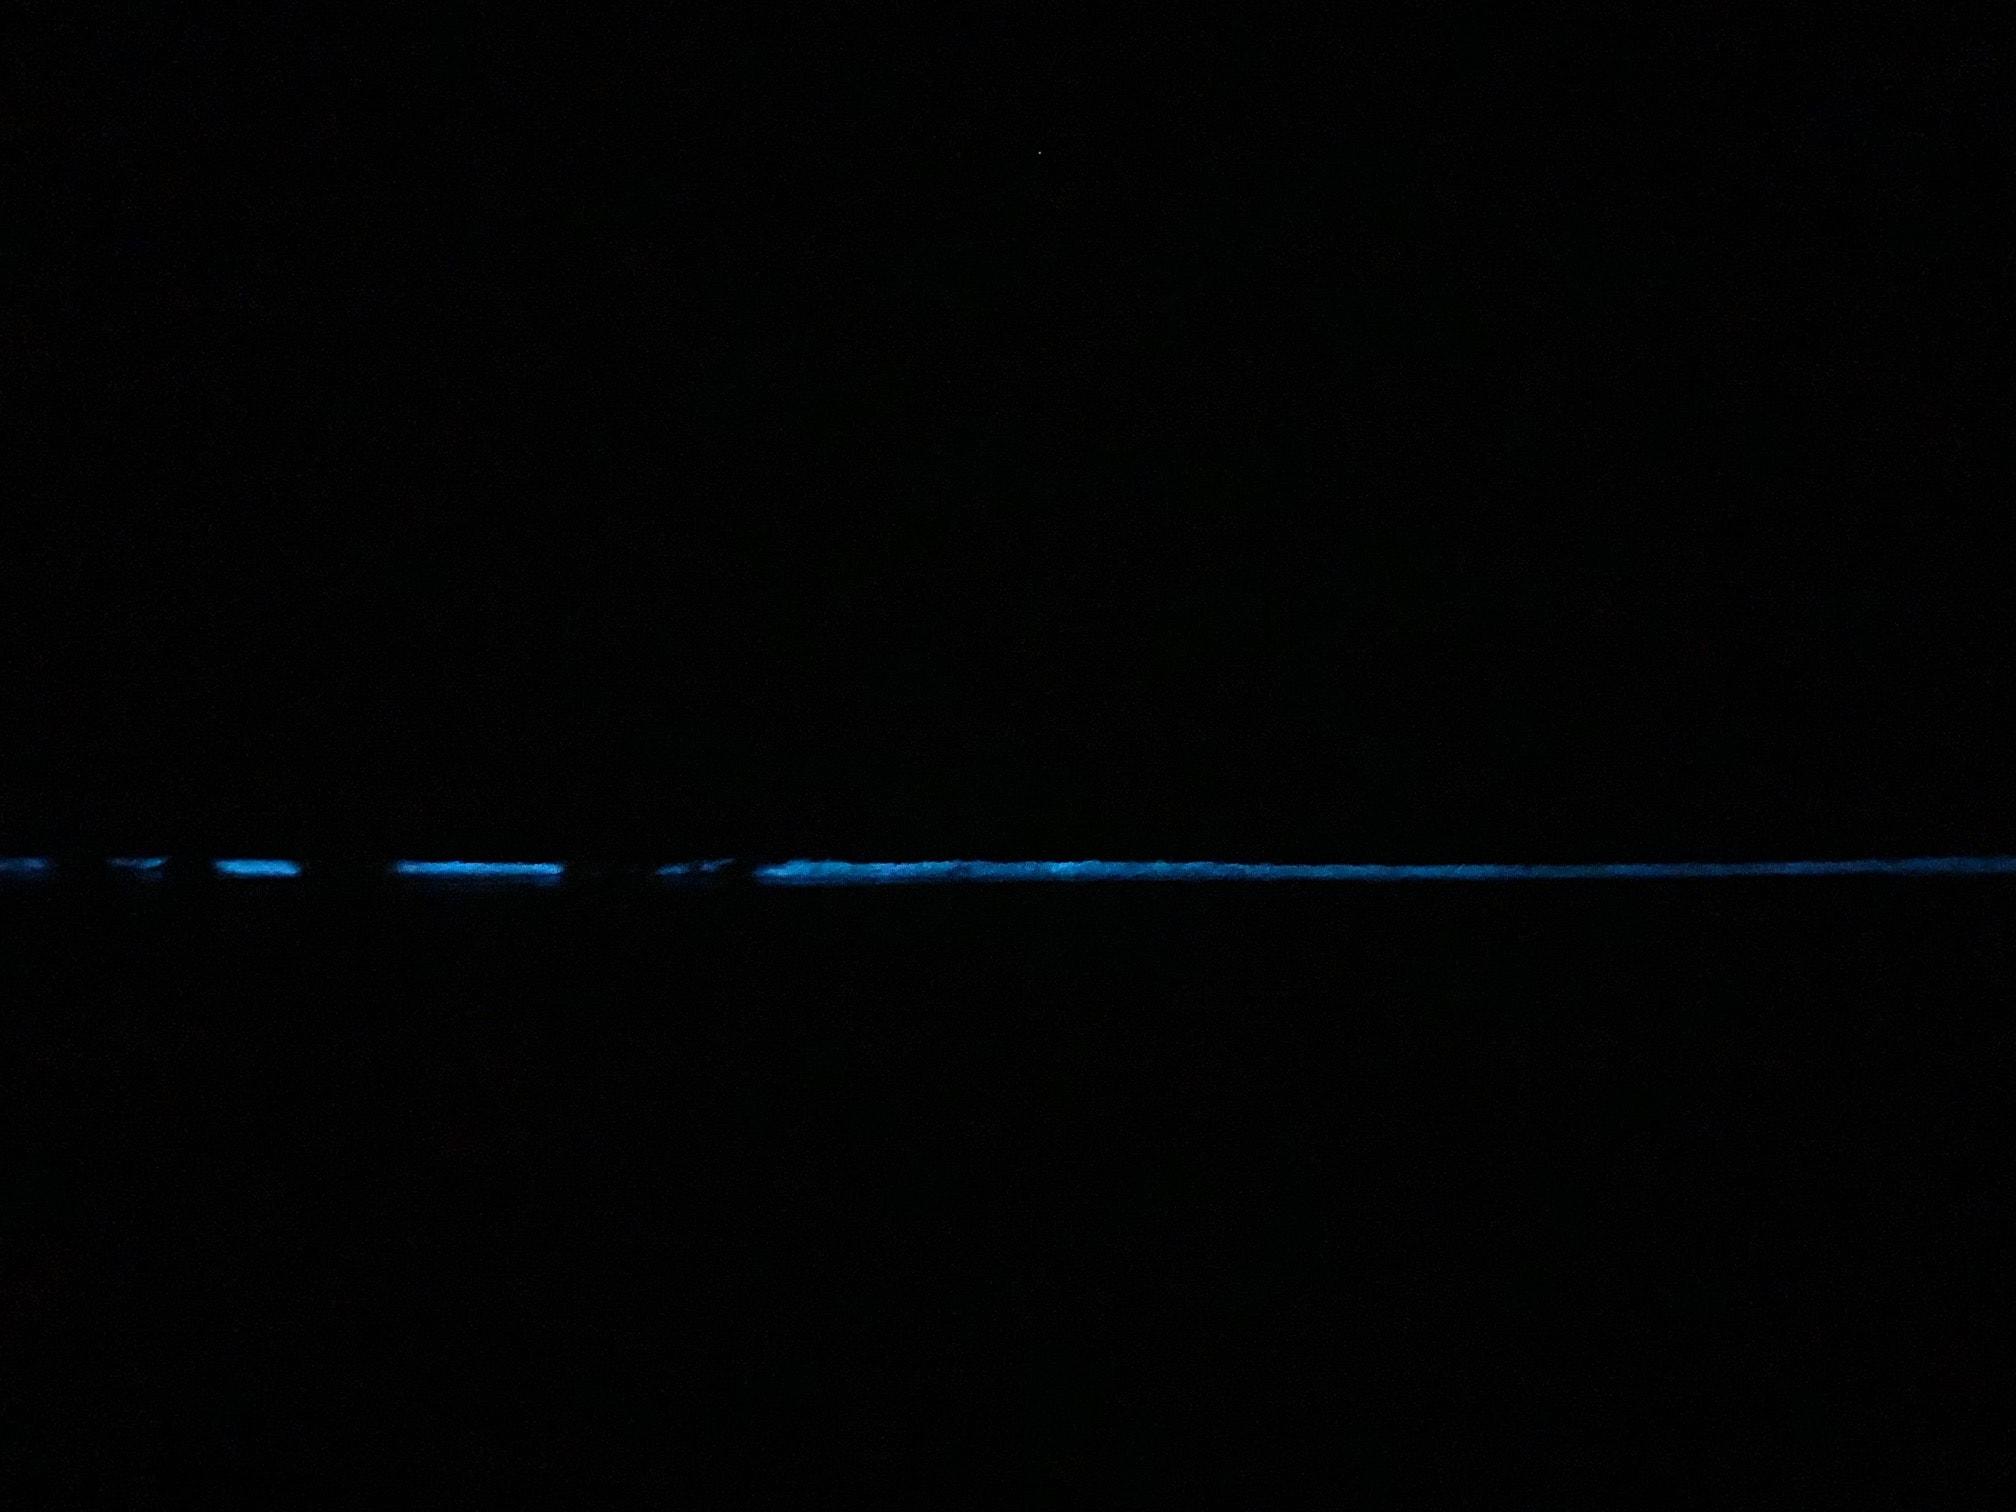 ¿Qué ver en Cabo Polonio? Las noctilucas